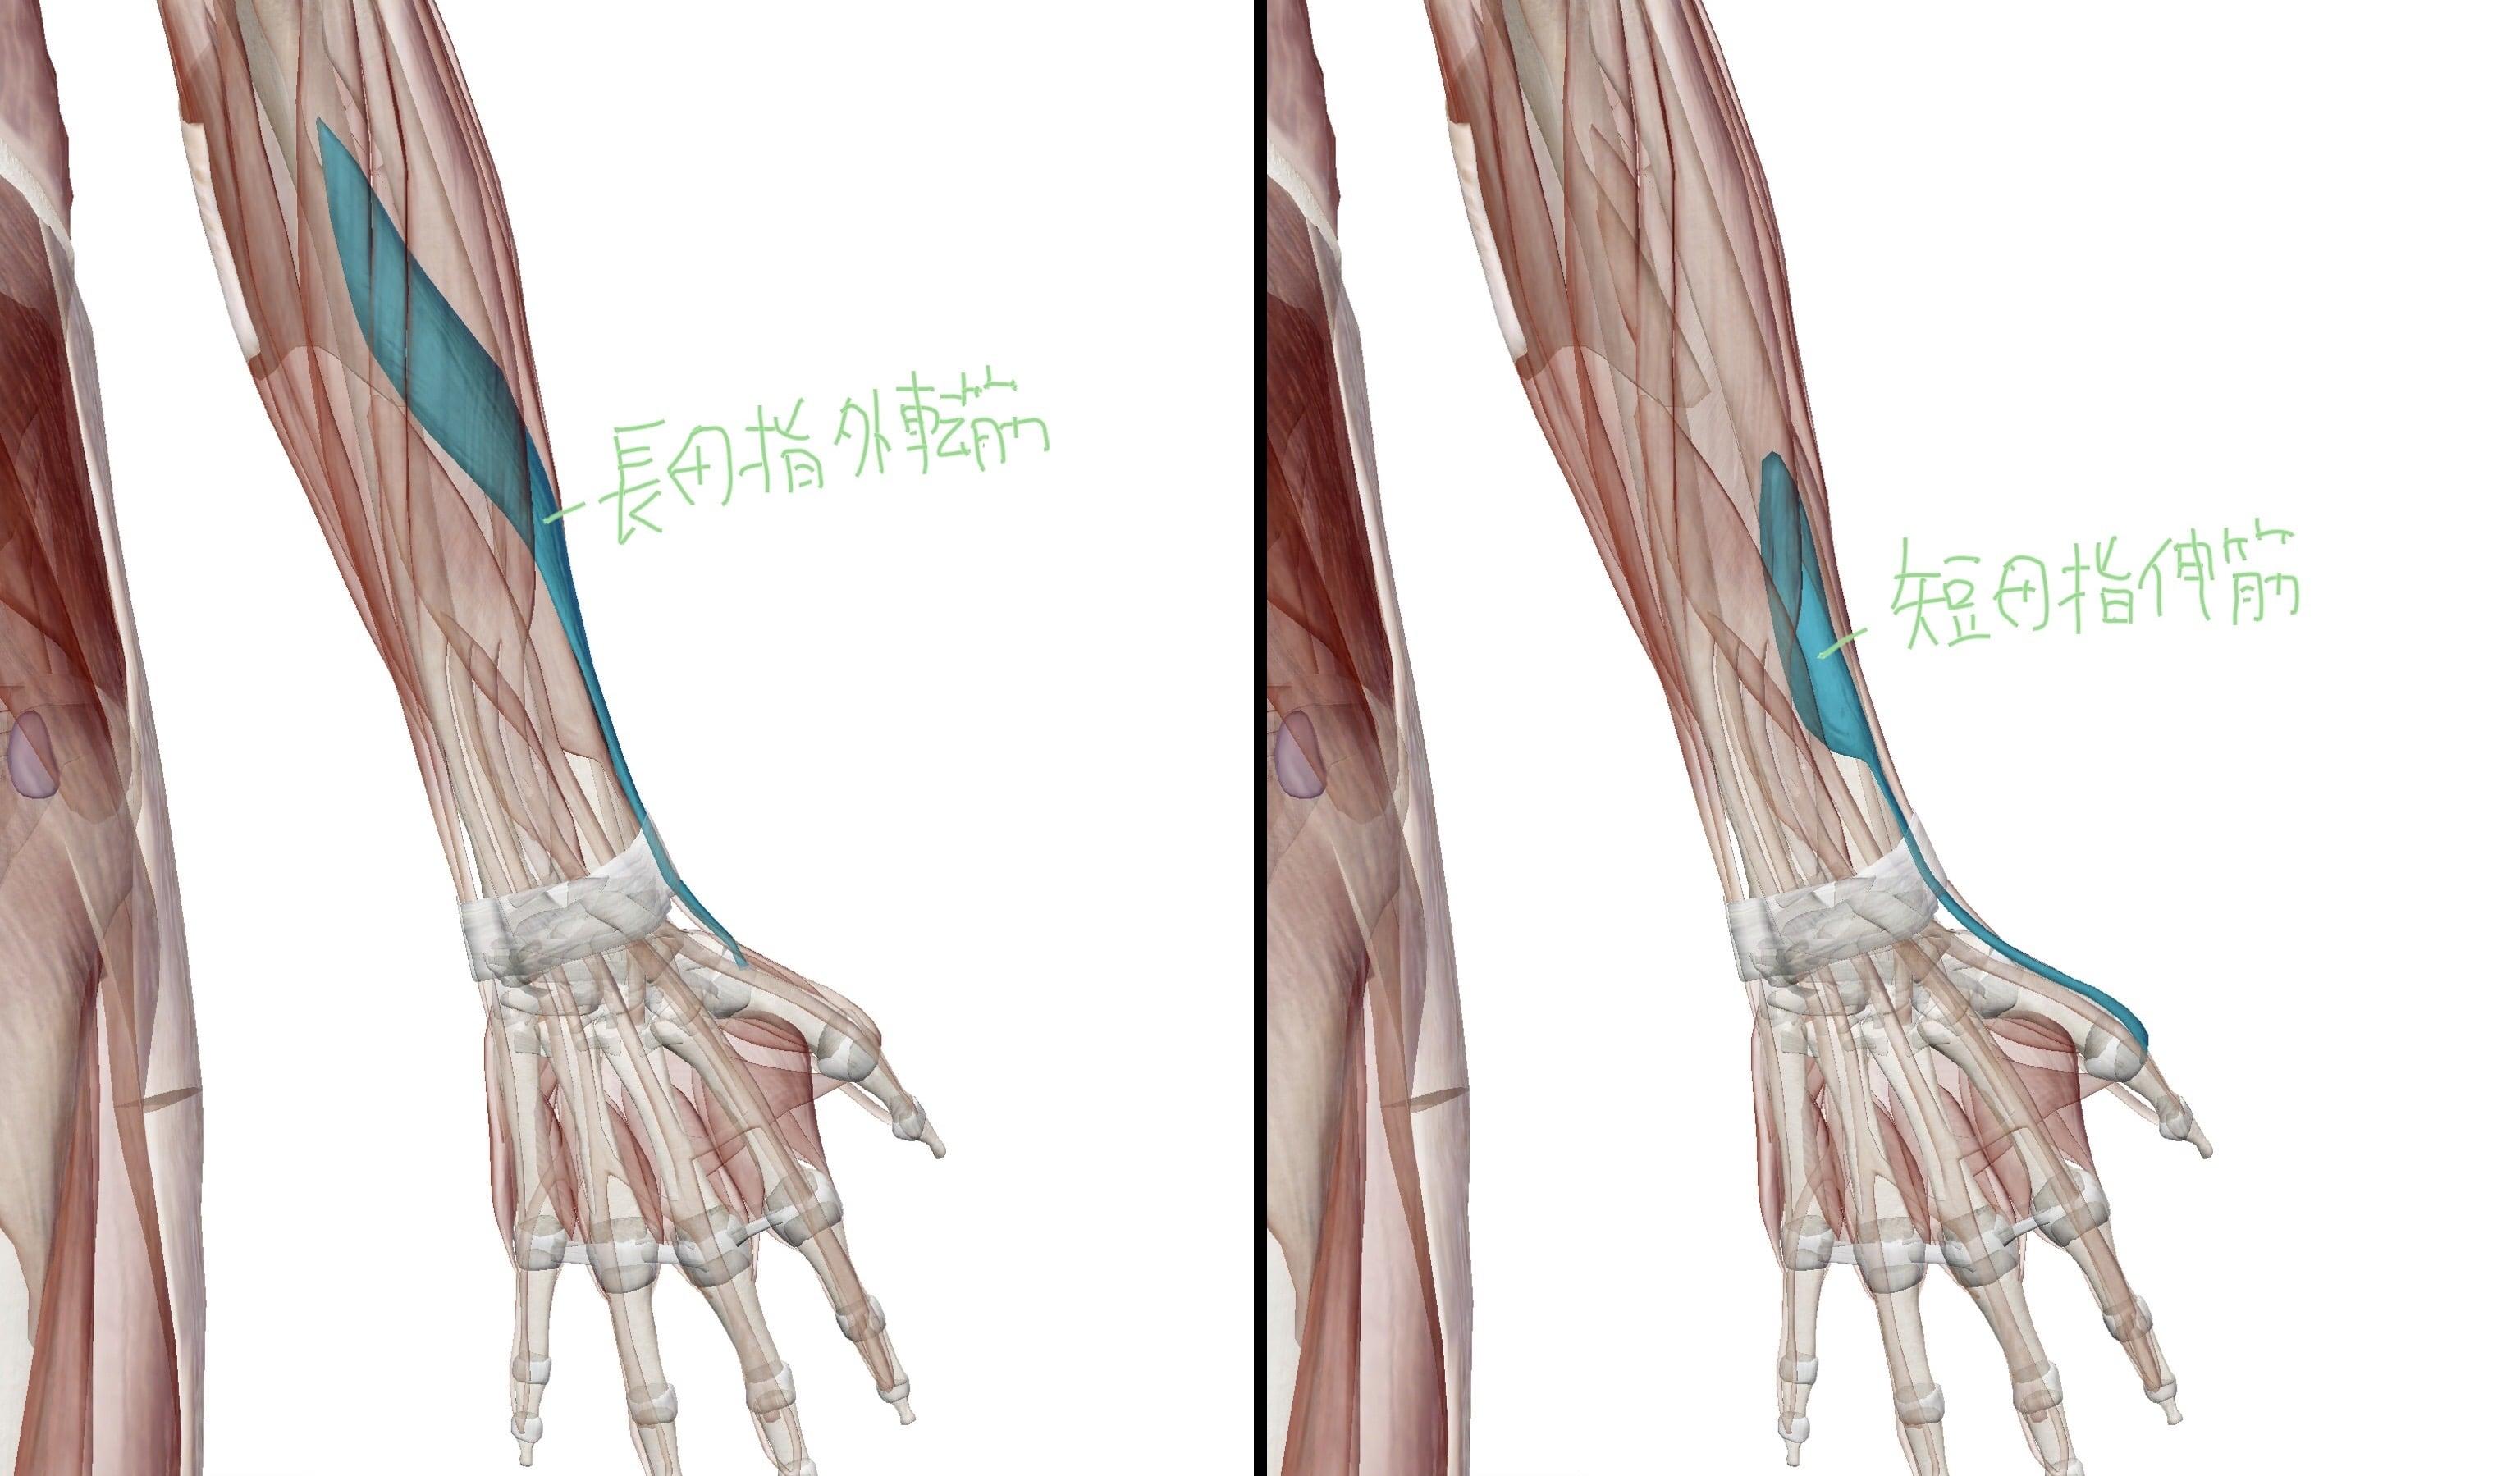 ドケルバン病を引き起こす長母指外転筋と短母指伸筋の図